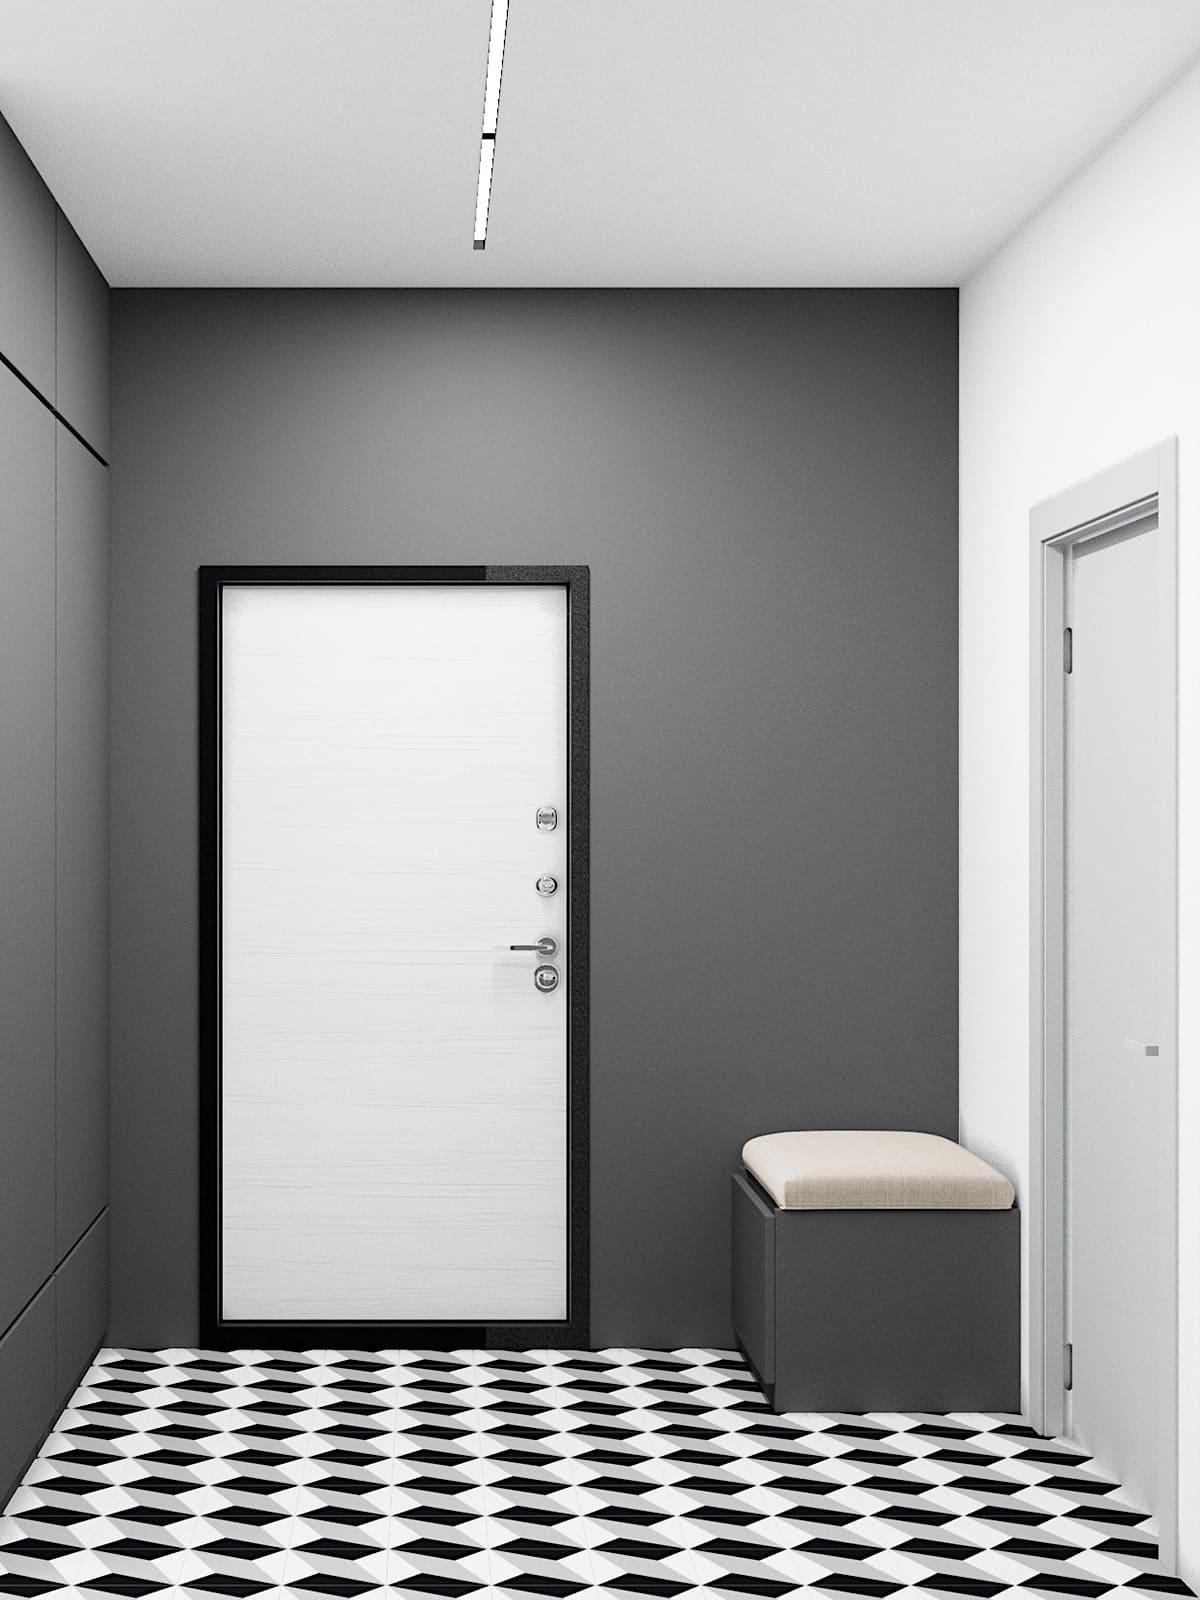 design d'intérieur couloir photo 11